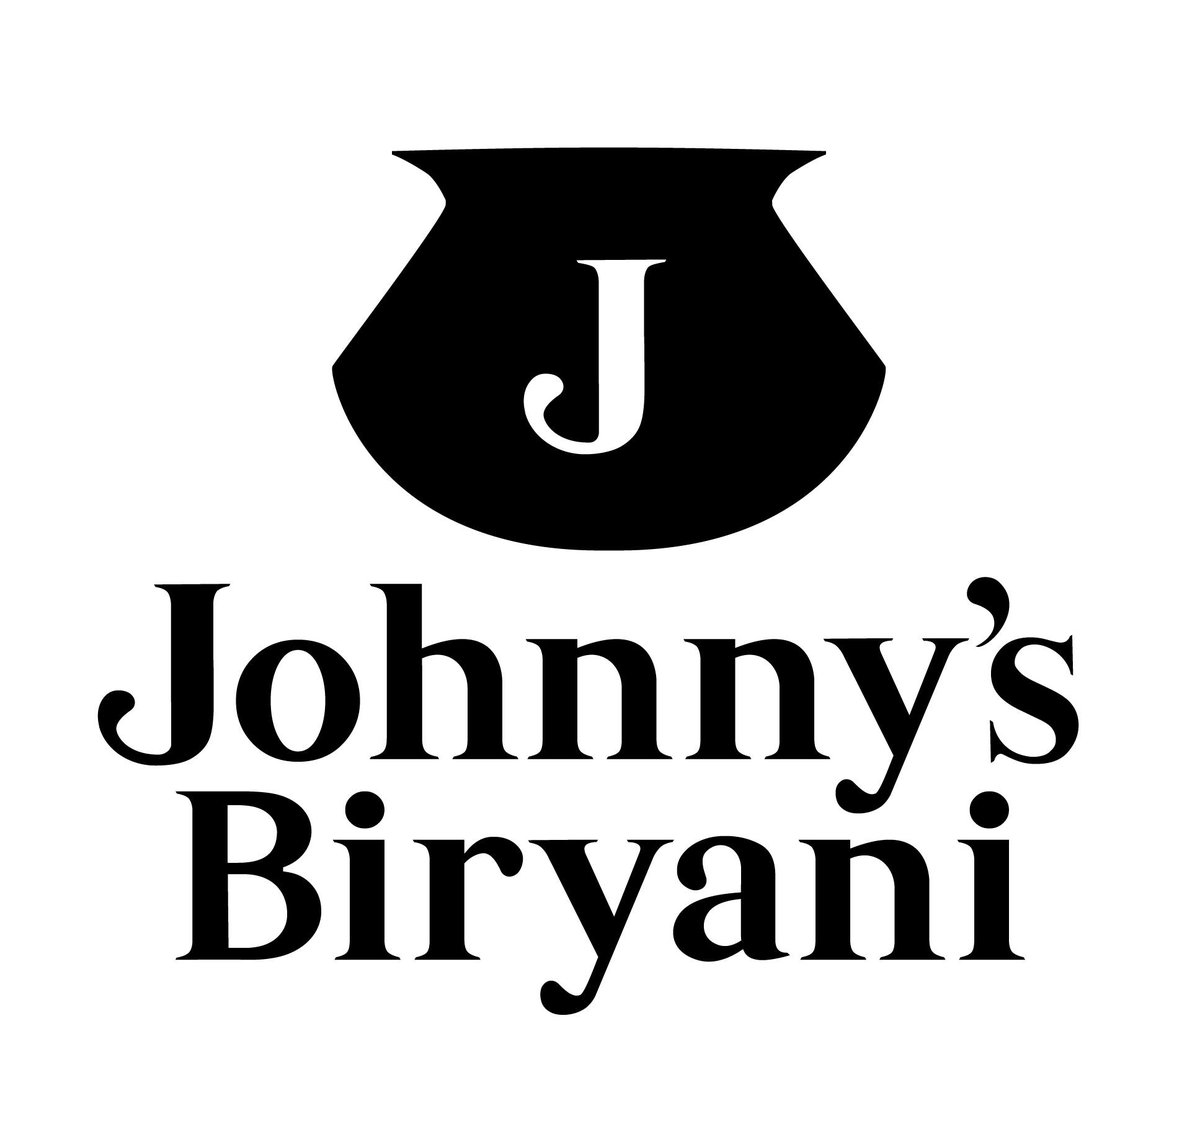 ジョニーのビリヤニ from 金沢